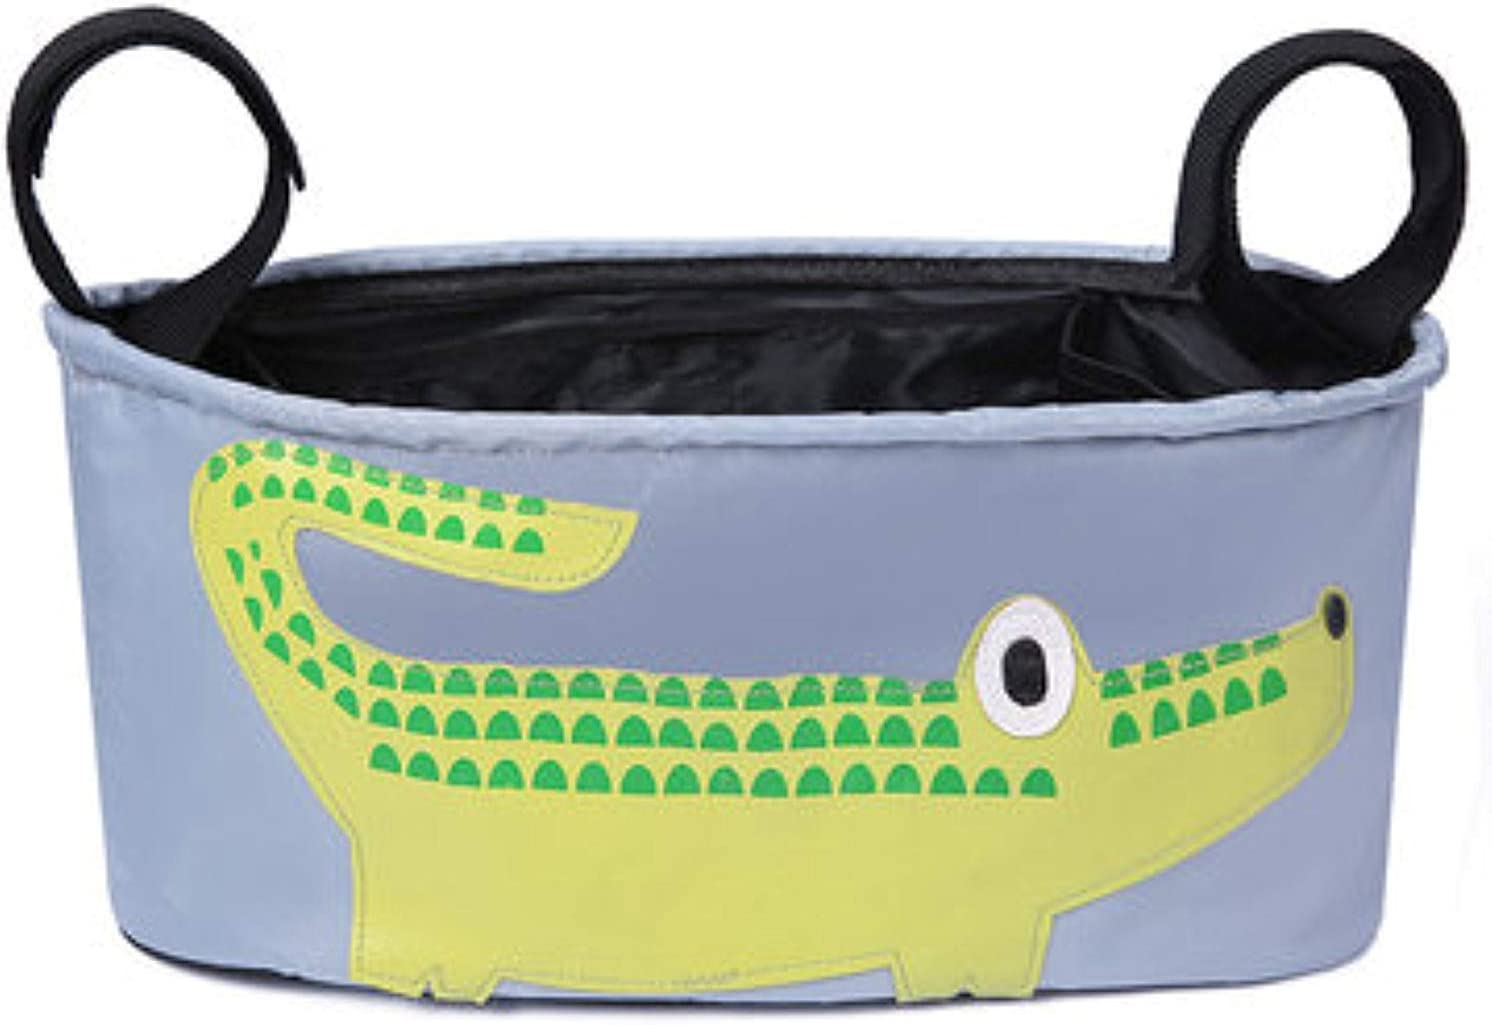 Bolsa para carrito de bebe ligera pequeña manejable y resistente (Cocodrilo)